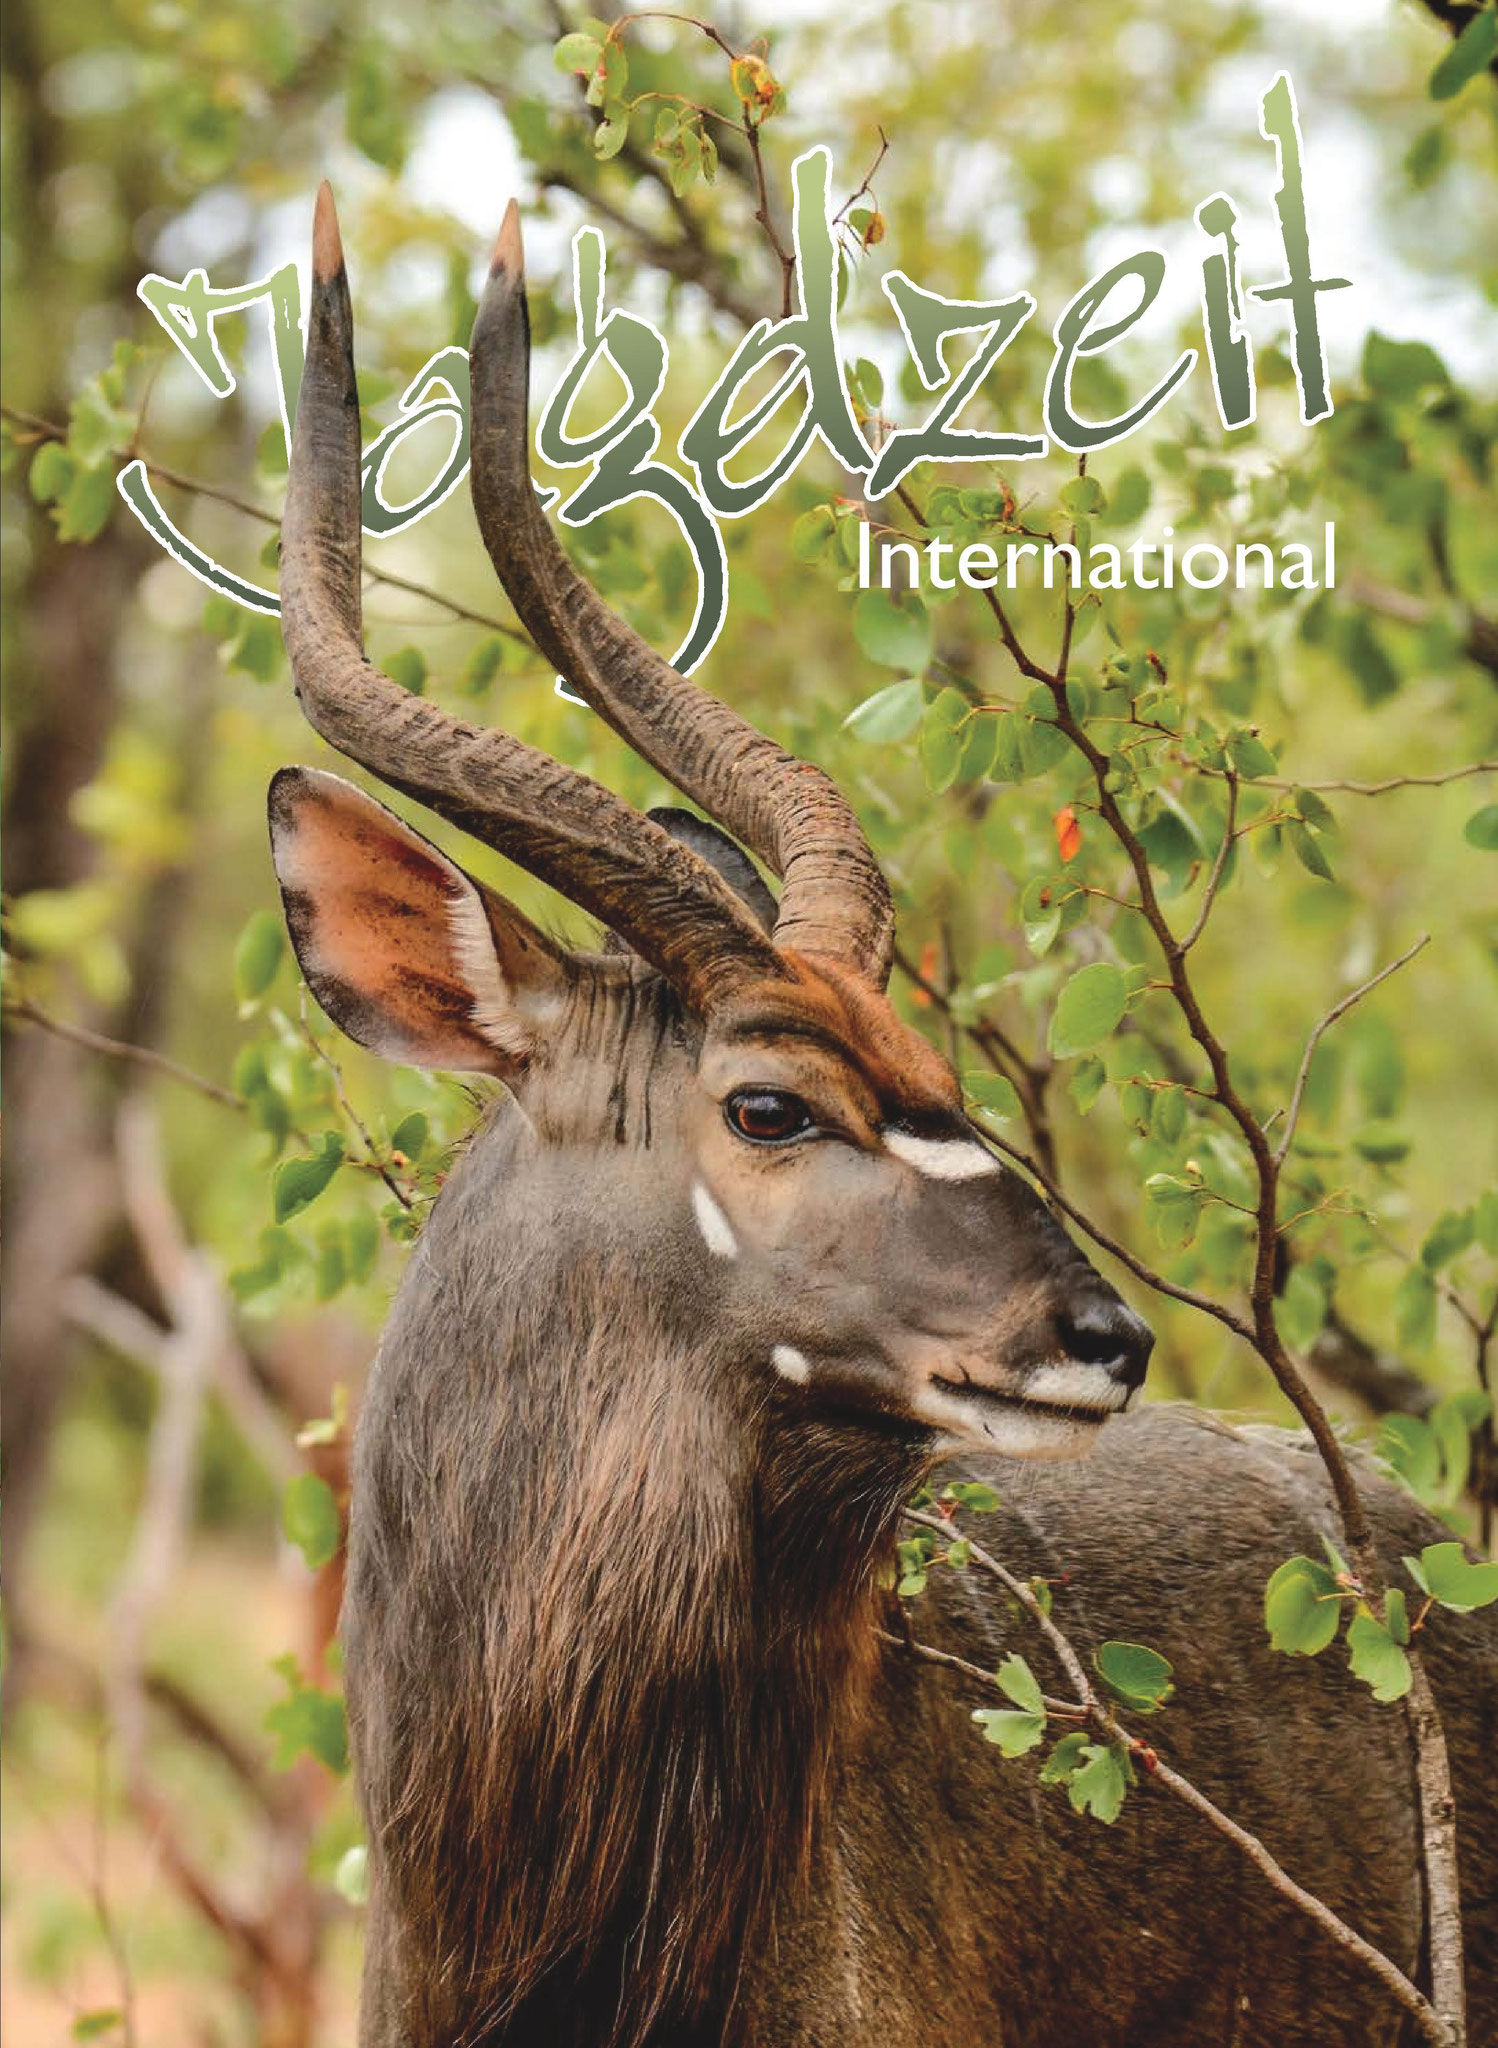 Titelseite der Jagdzeit International Nr. 28 (03/2016)